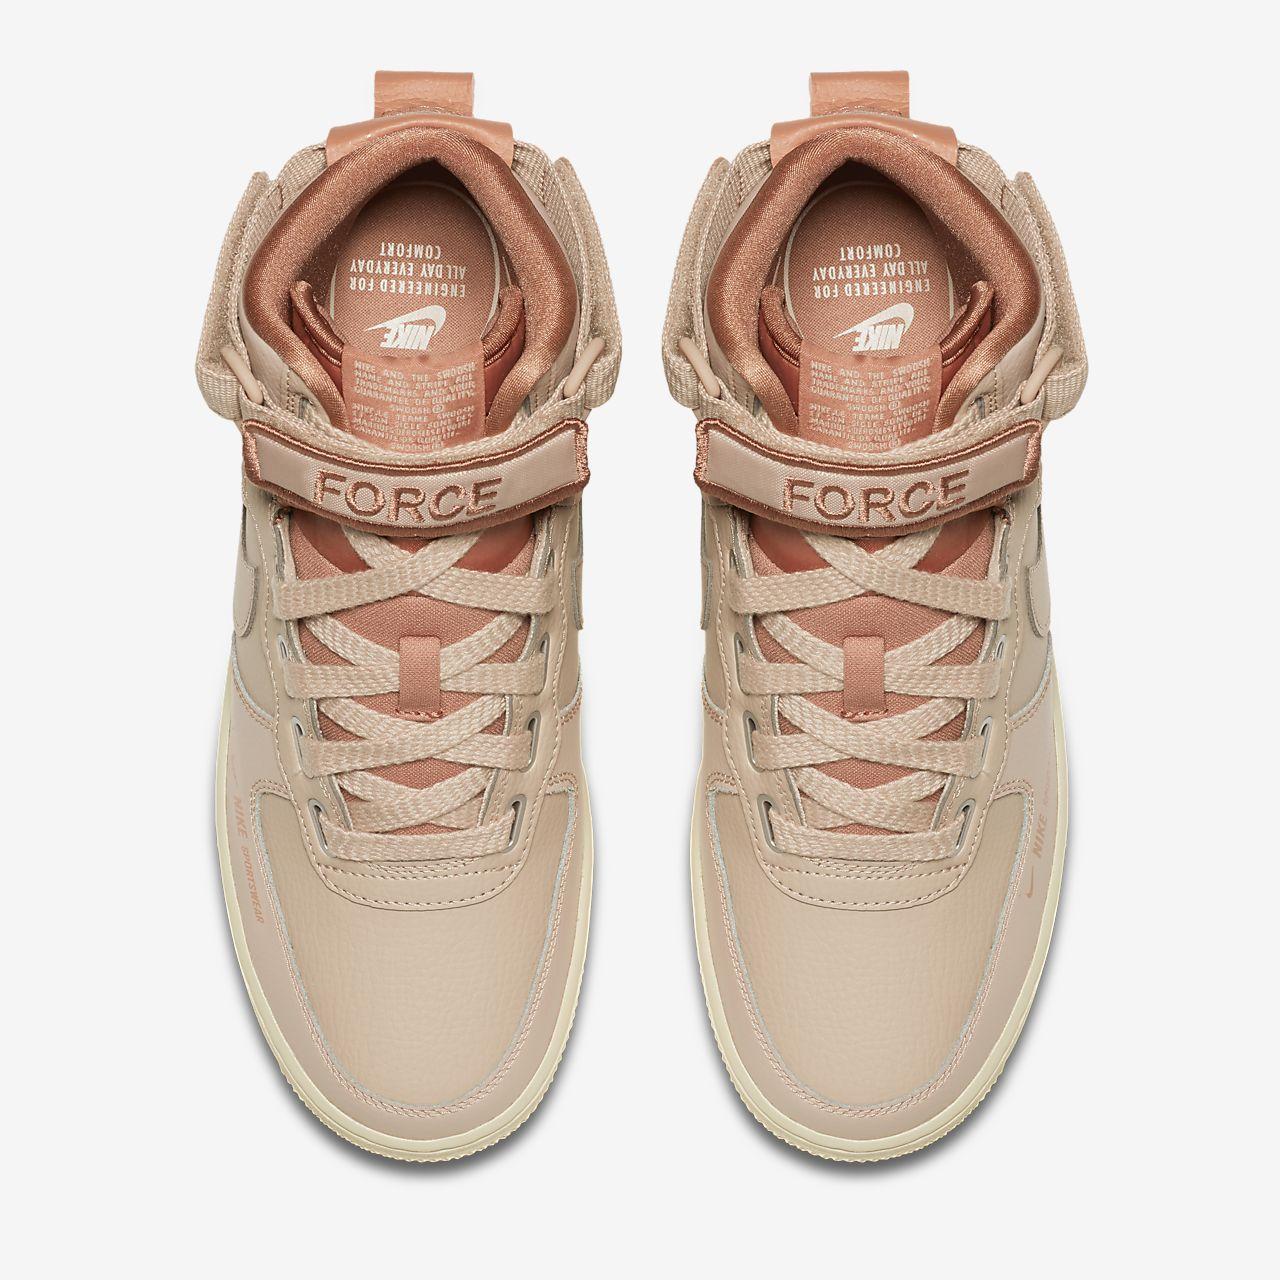 buy popular 54b0d 22841 ... Sko Nike Air Force 1 High Utility för kvinnor